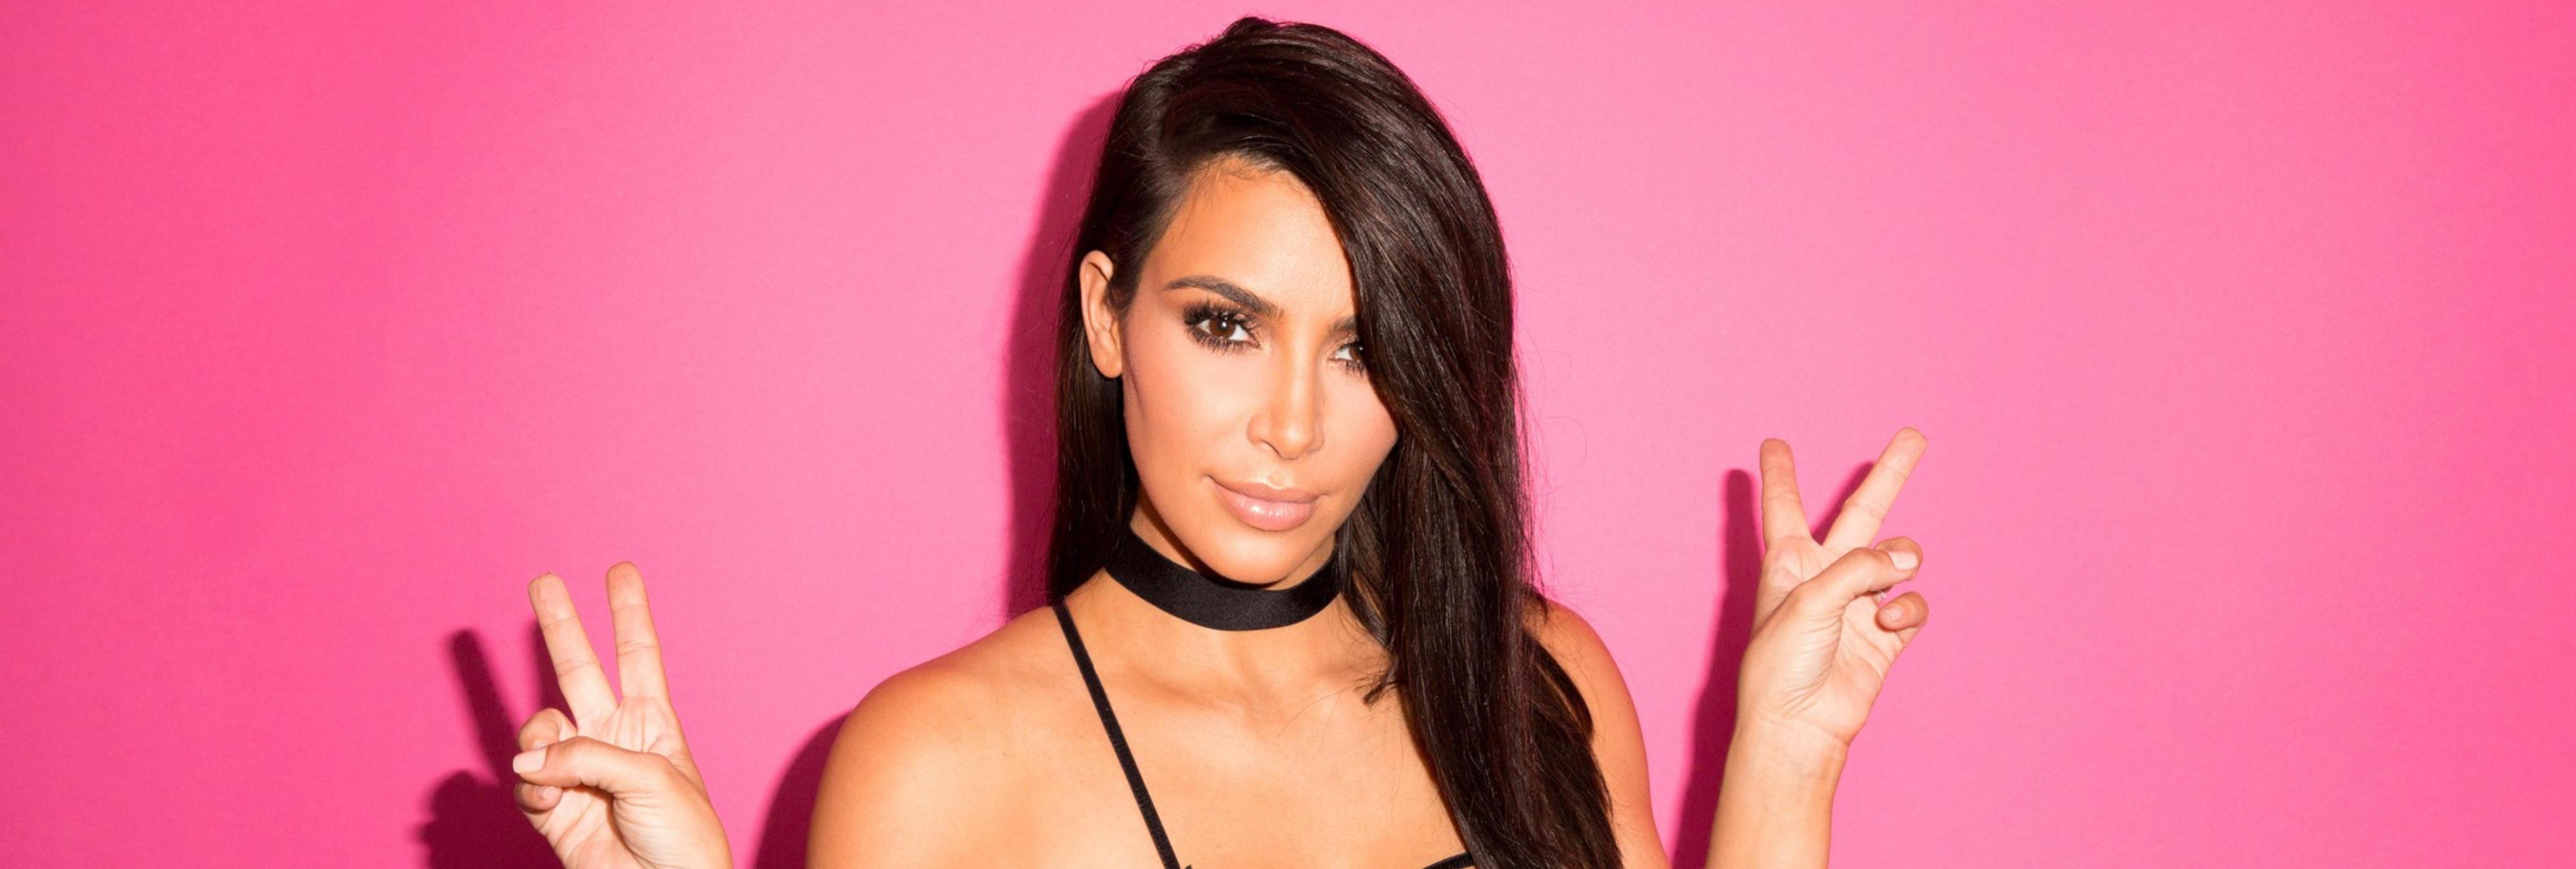 Amenazan de muerte a Kim Kardashian con un machete y una pistola